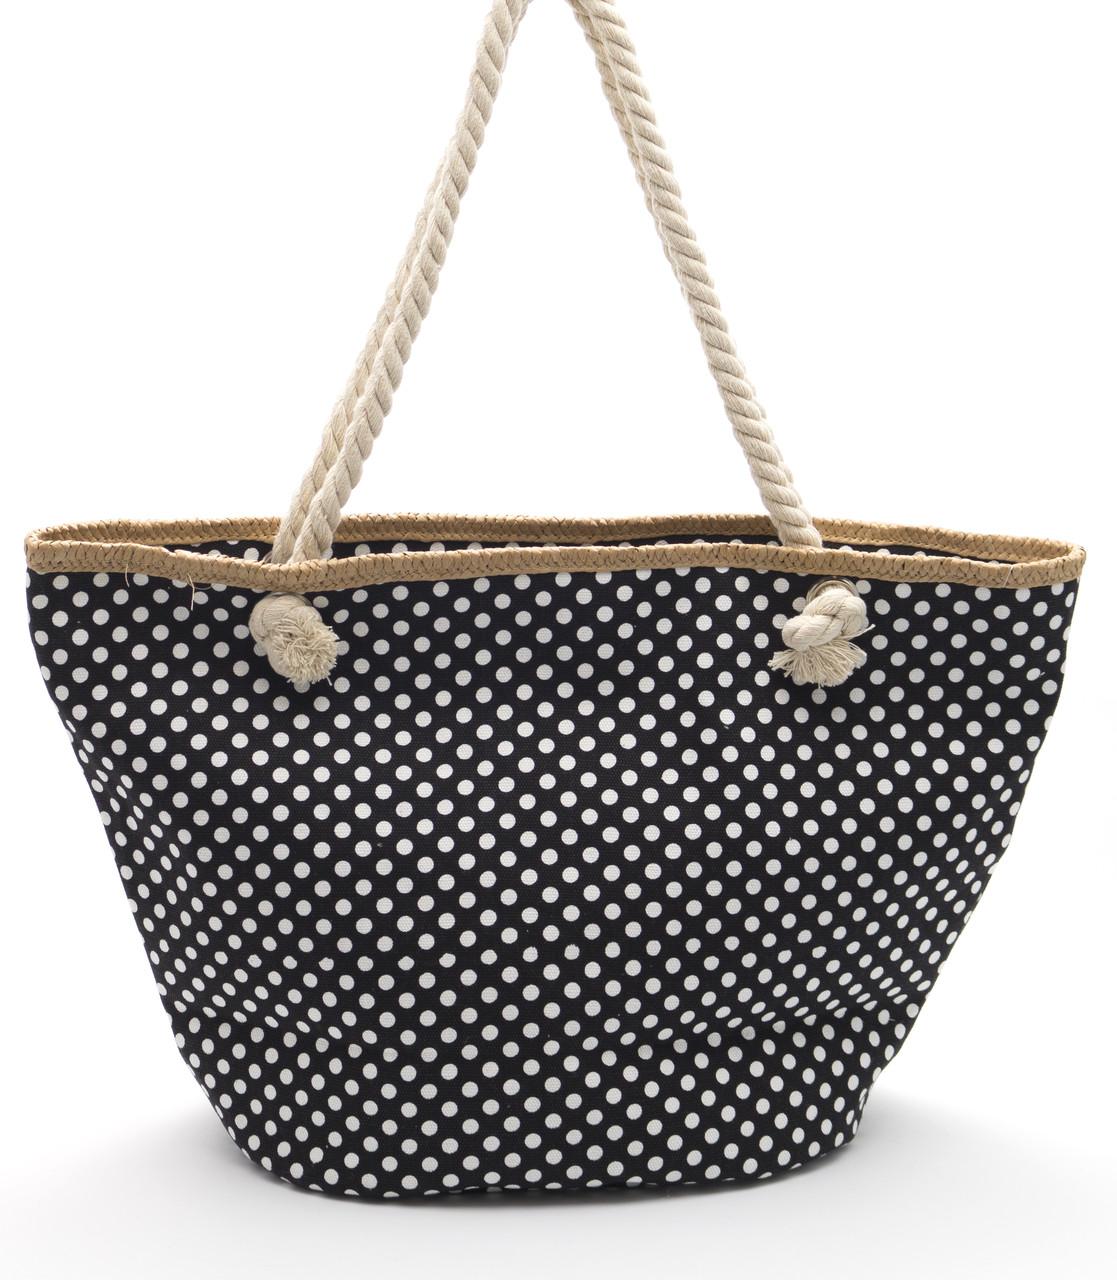 Пляжная женская сумка в горошек Б/Н art. 9463